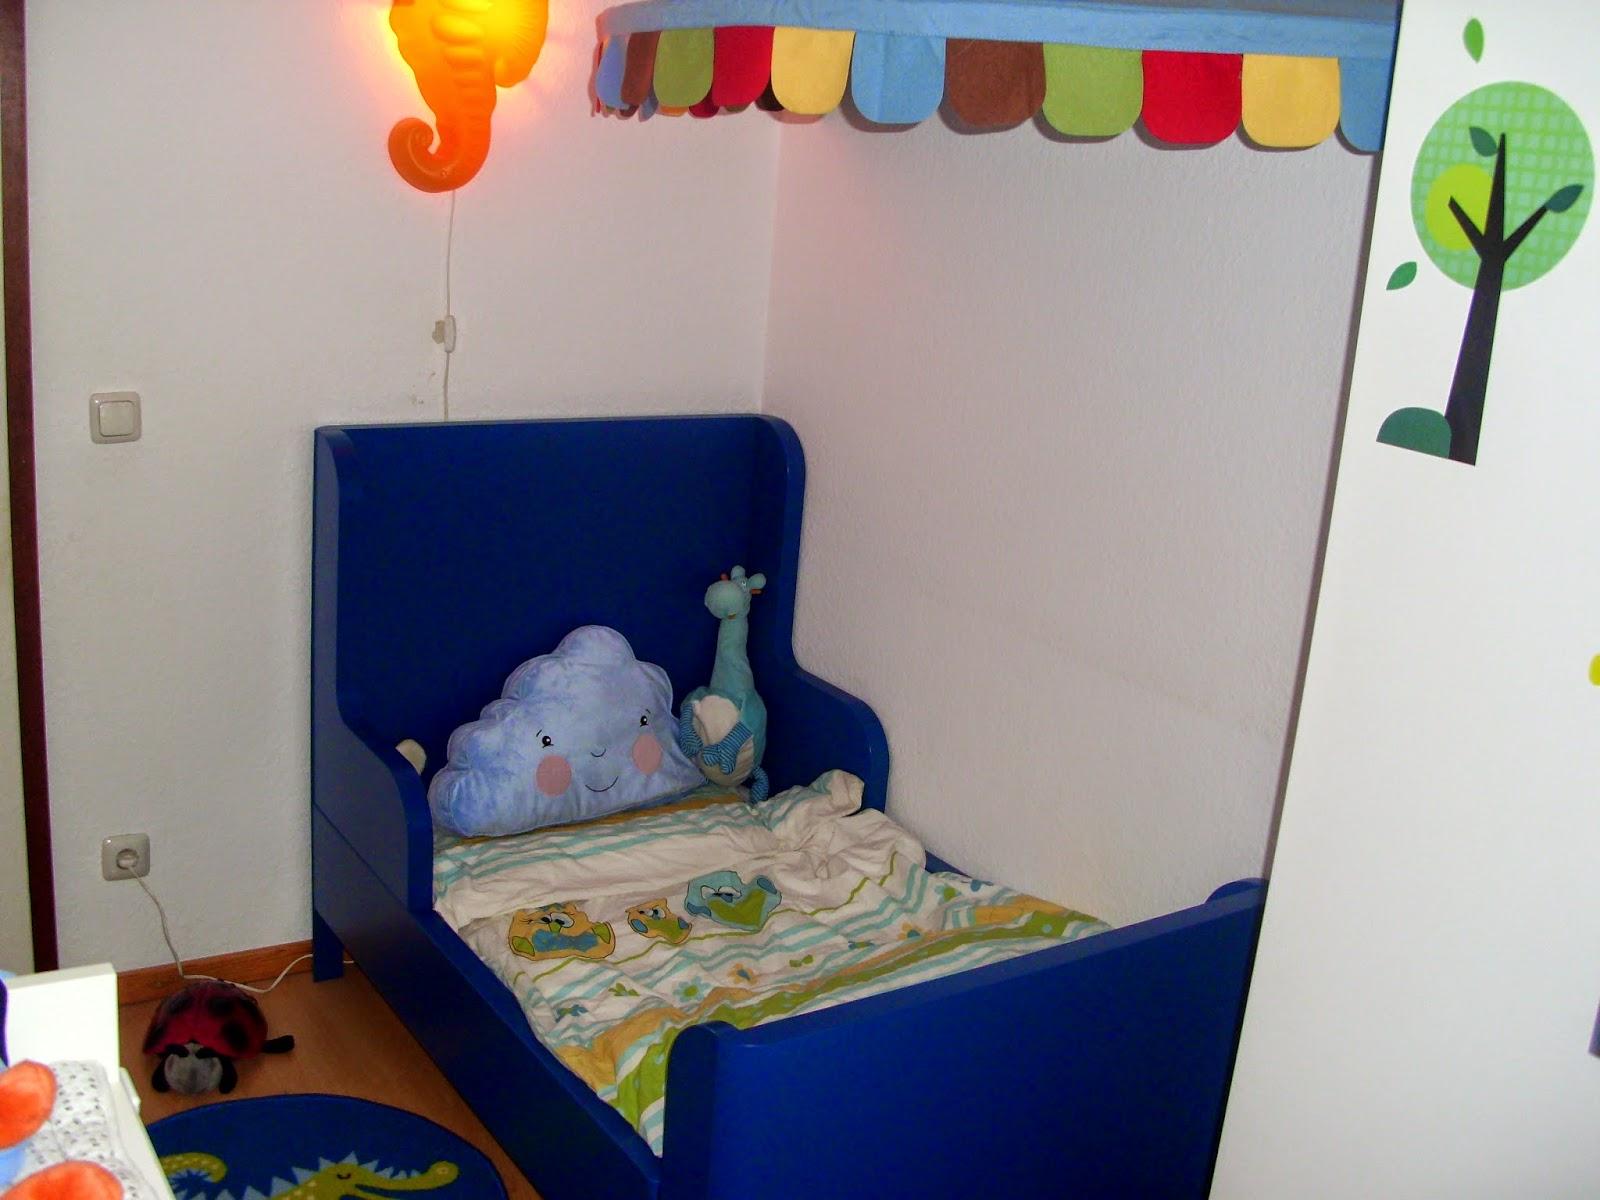 willkommen auf meinem blog das neue bett i love busunge. Black Bedroom Furniture Sets. Home Design Ideas